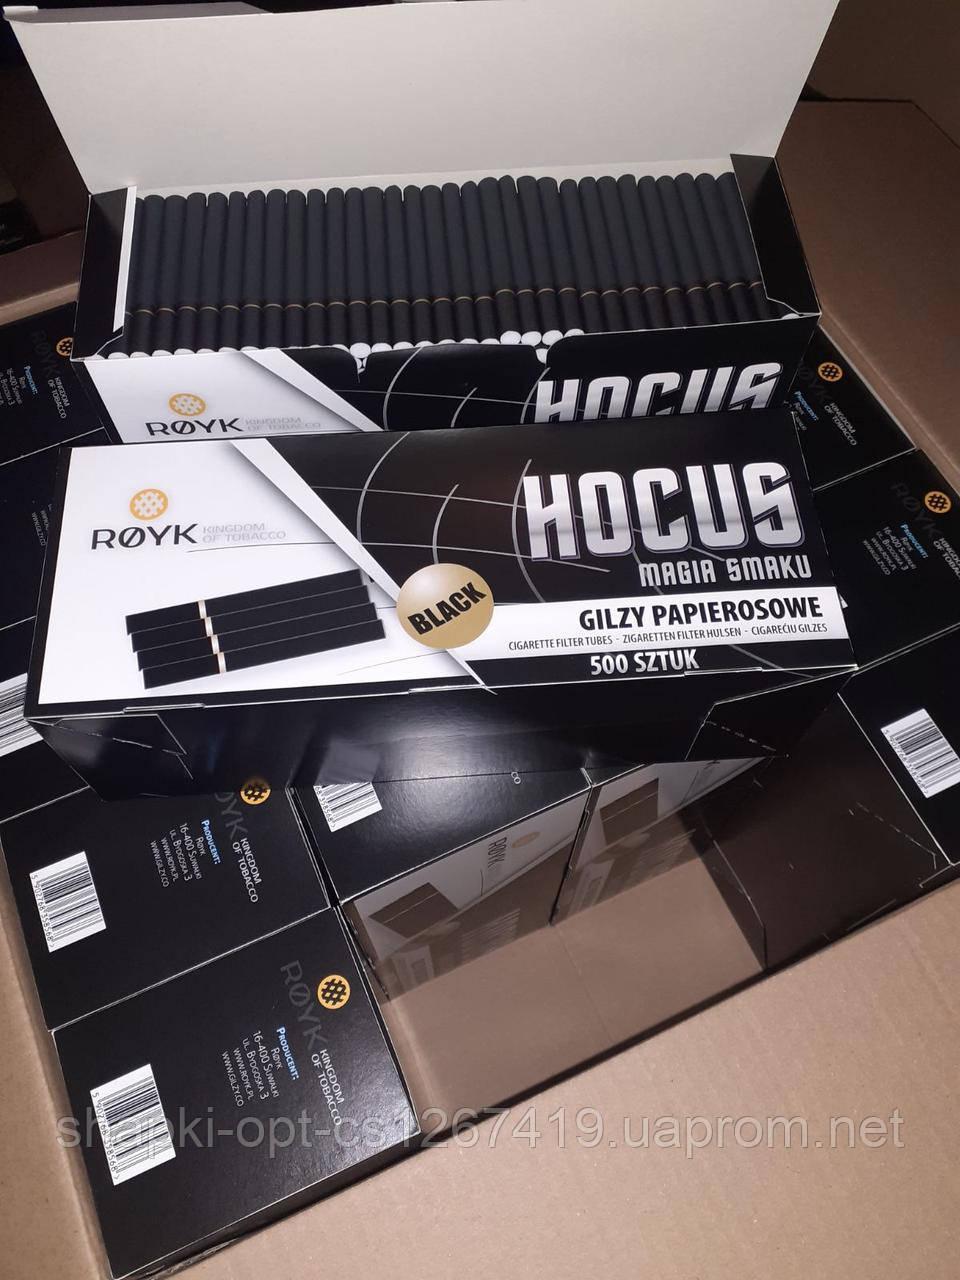 Чёрные гильзы для табака Hocus 500 шт